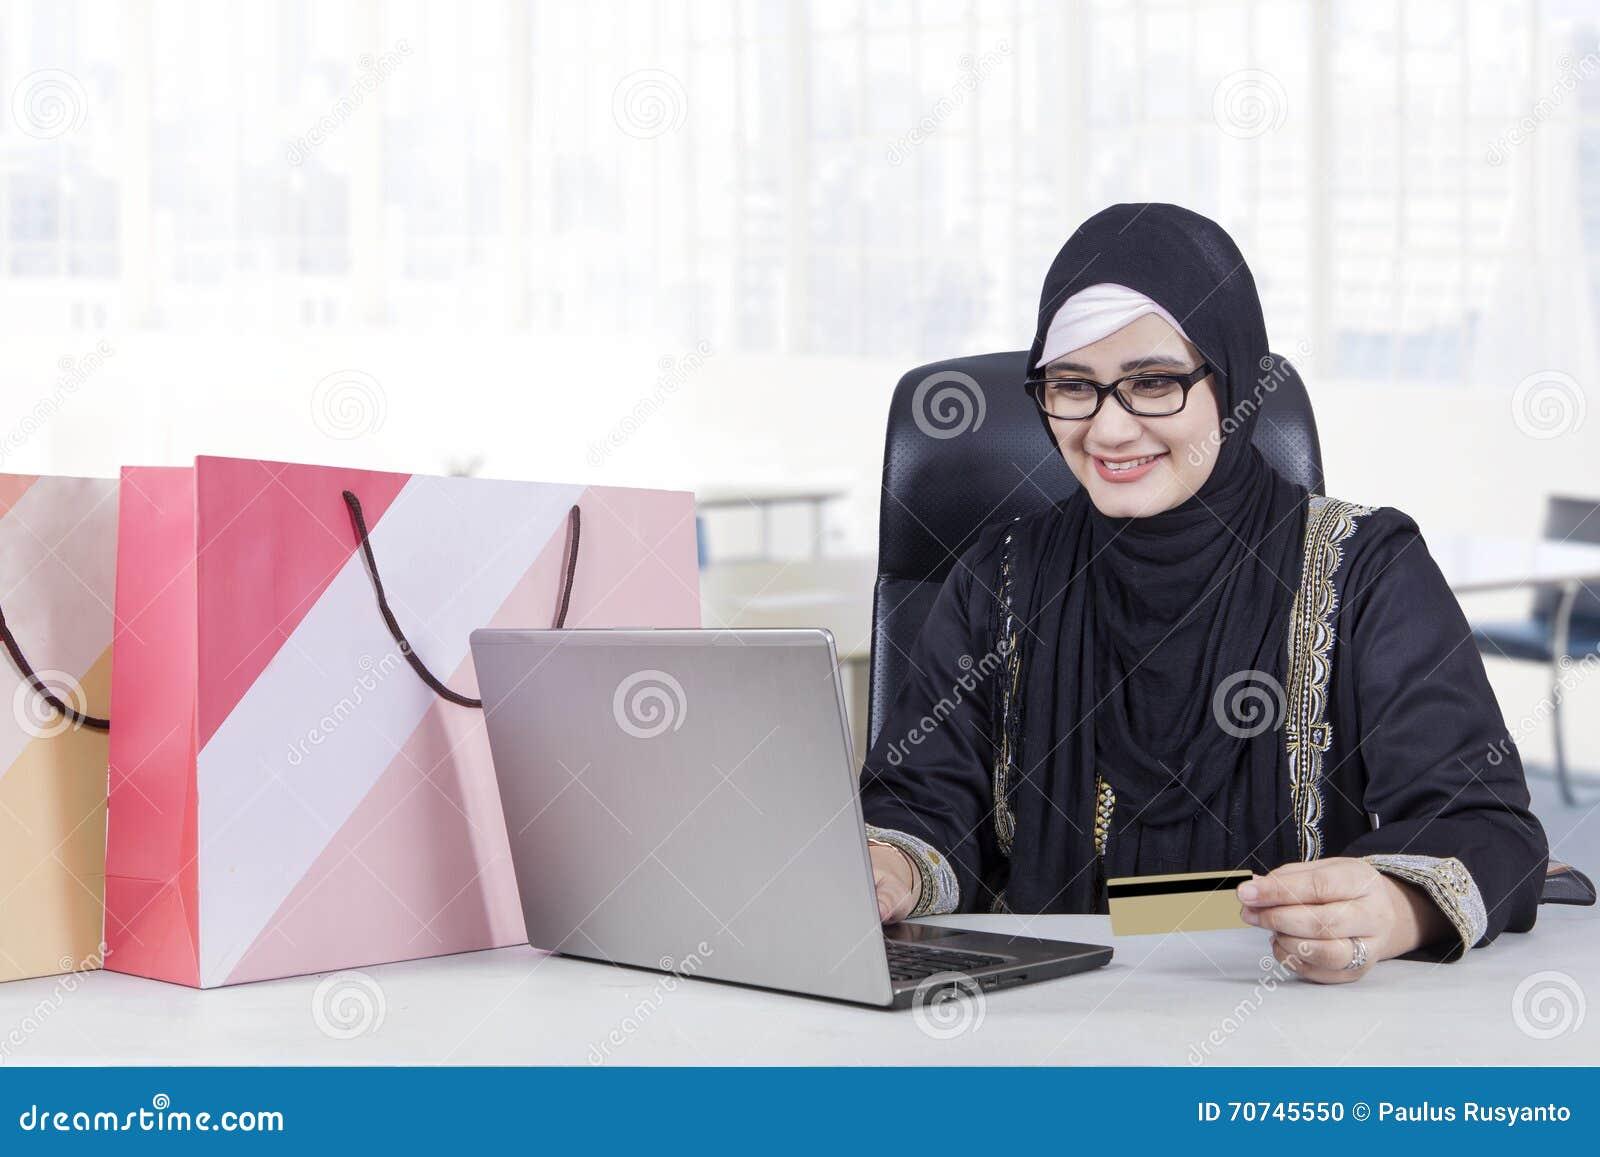 Pretty Arabic woman shopping online